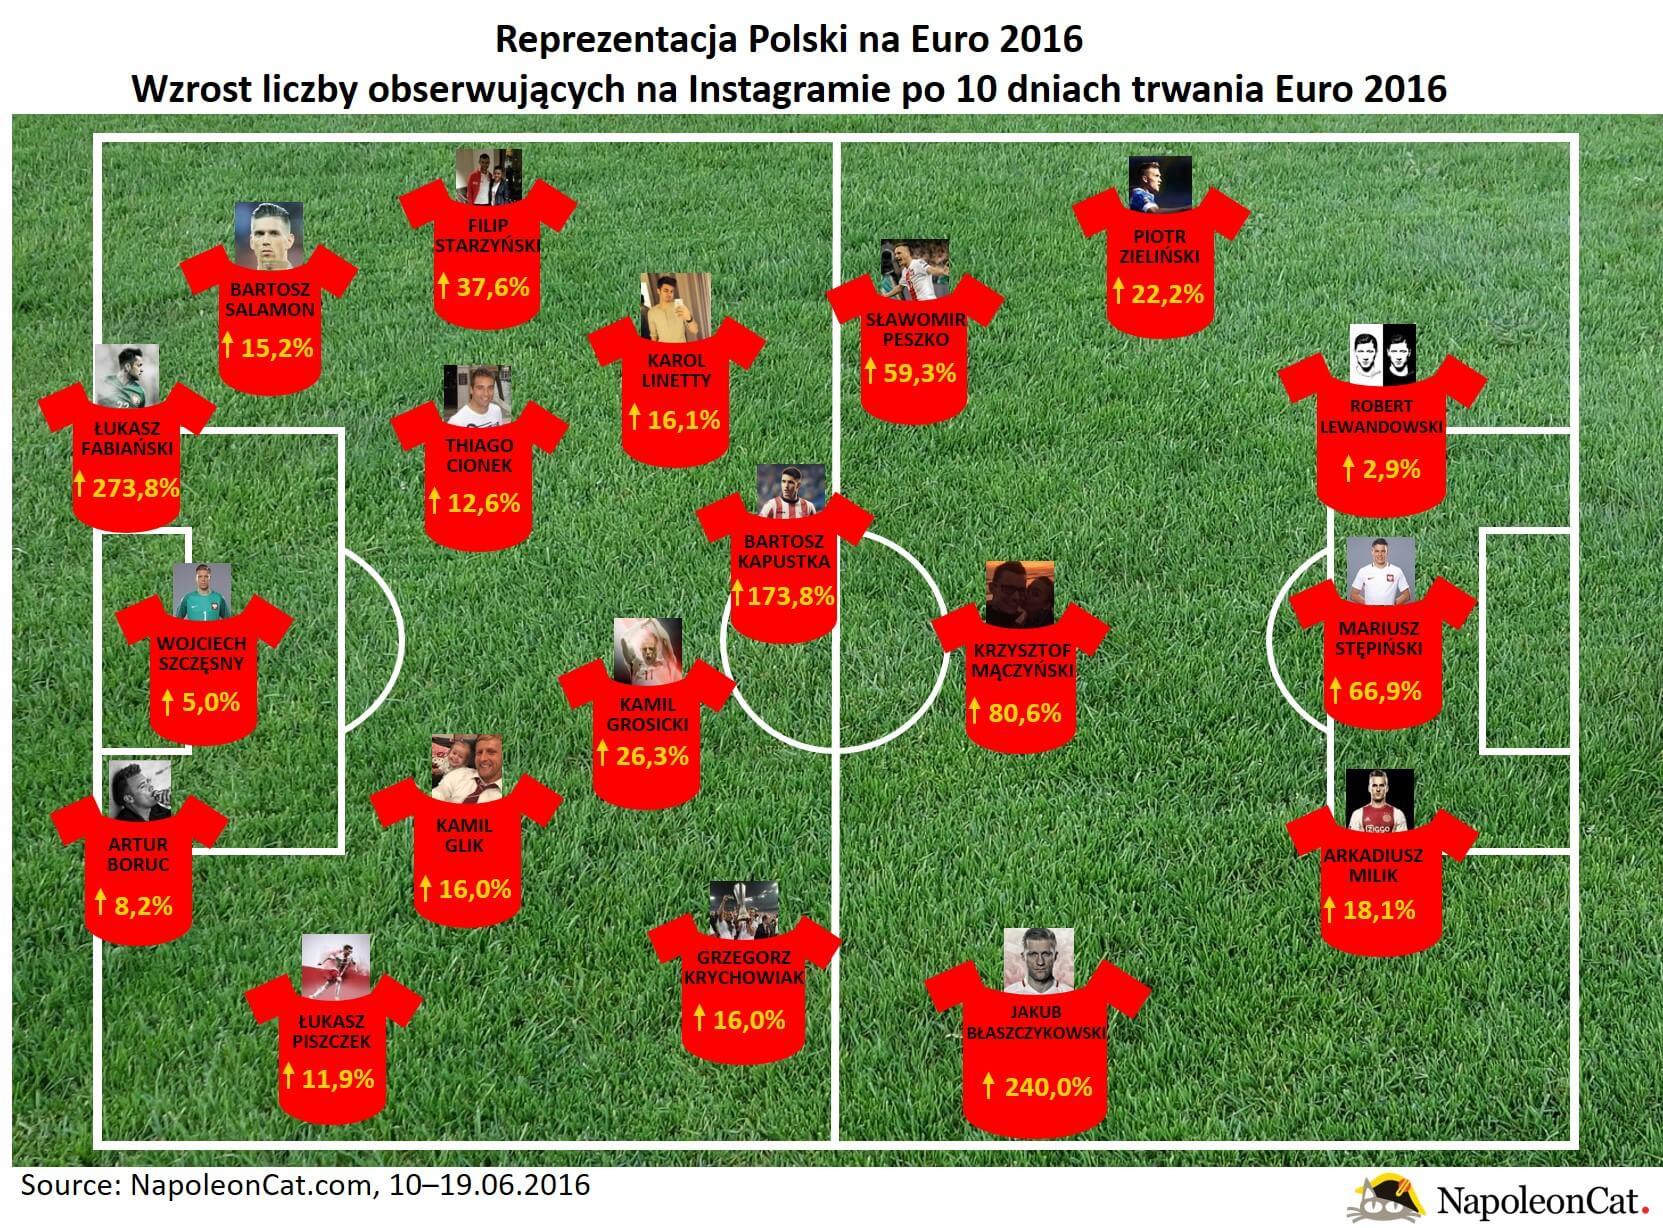 reprezentacja polski na Euro2016_wzrost liczby obserwujacych na Instagramie_NapoleonCat